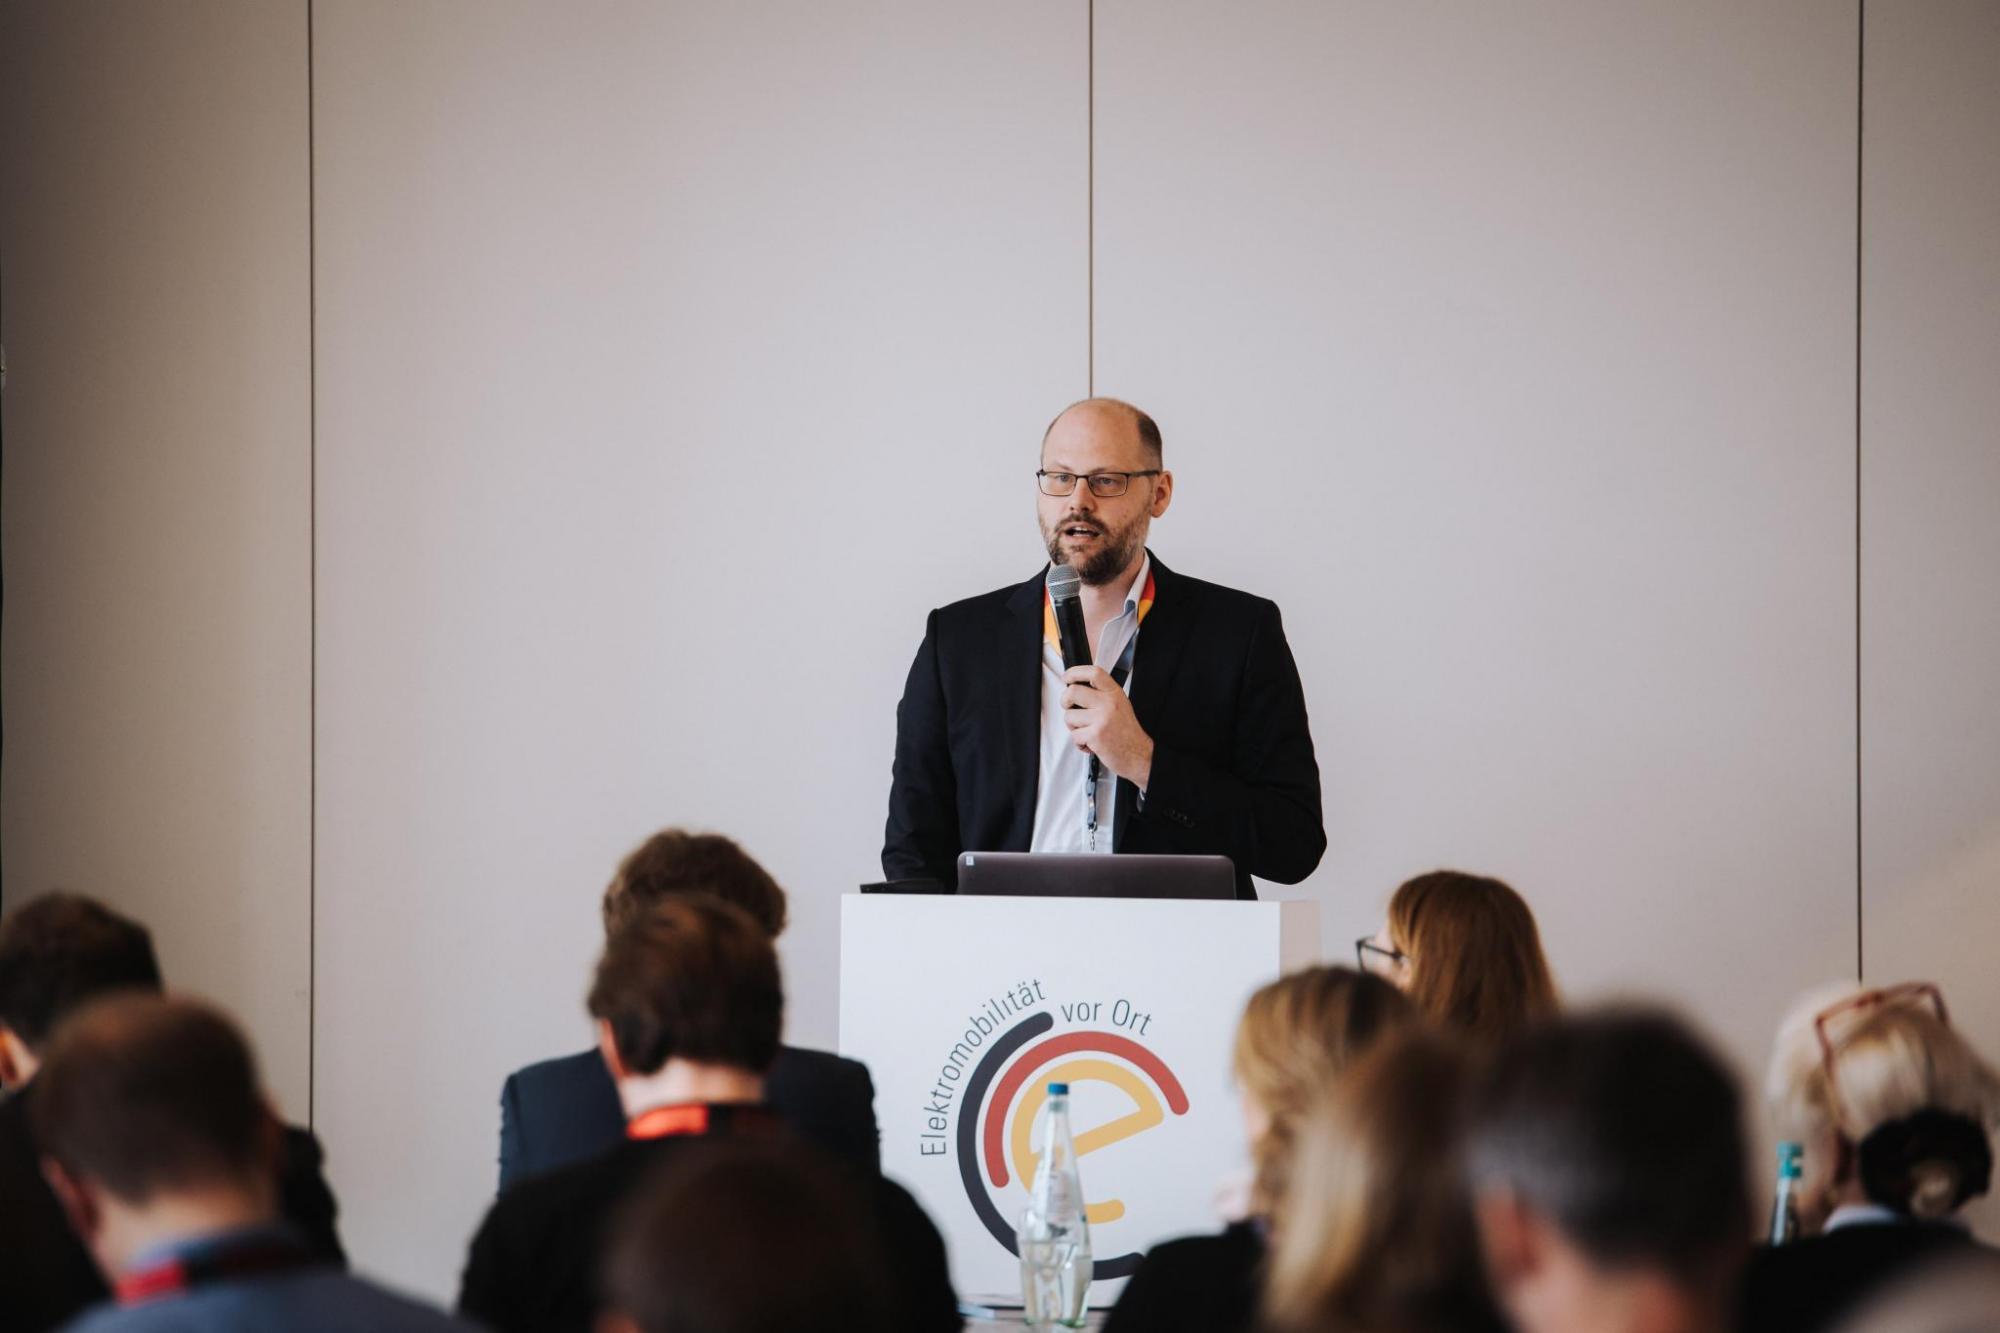 Manfred Schmid präsentiert die Broschüre zur Elektromobilität in kommunalen Mobilitätsstrategien